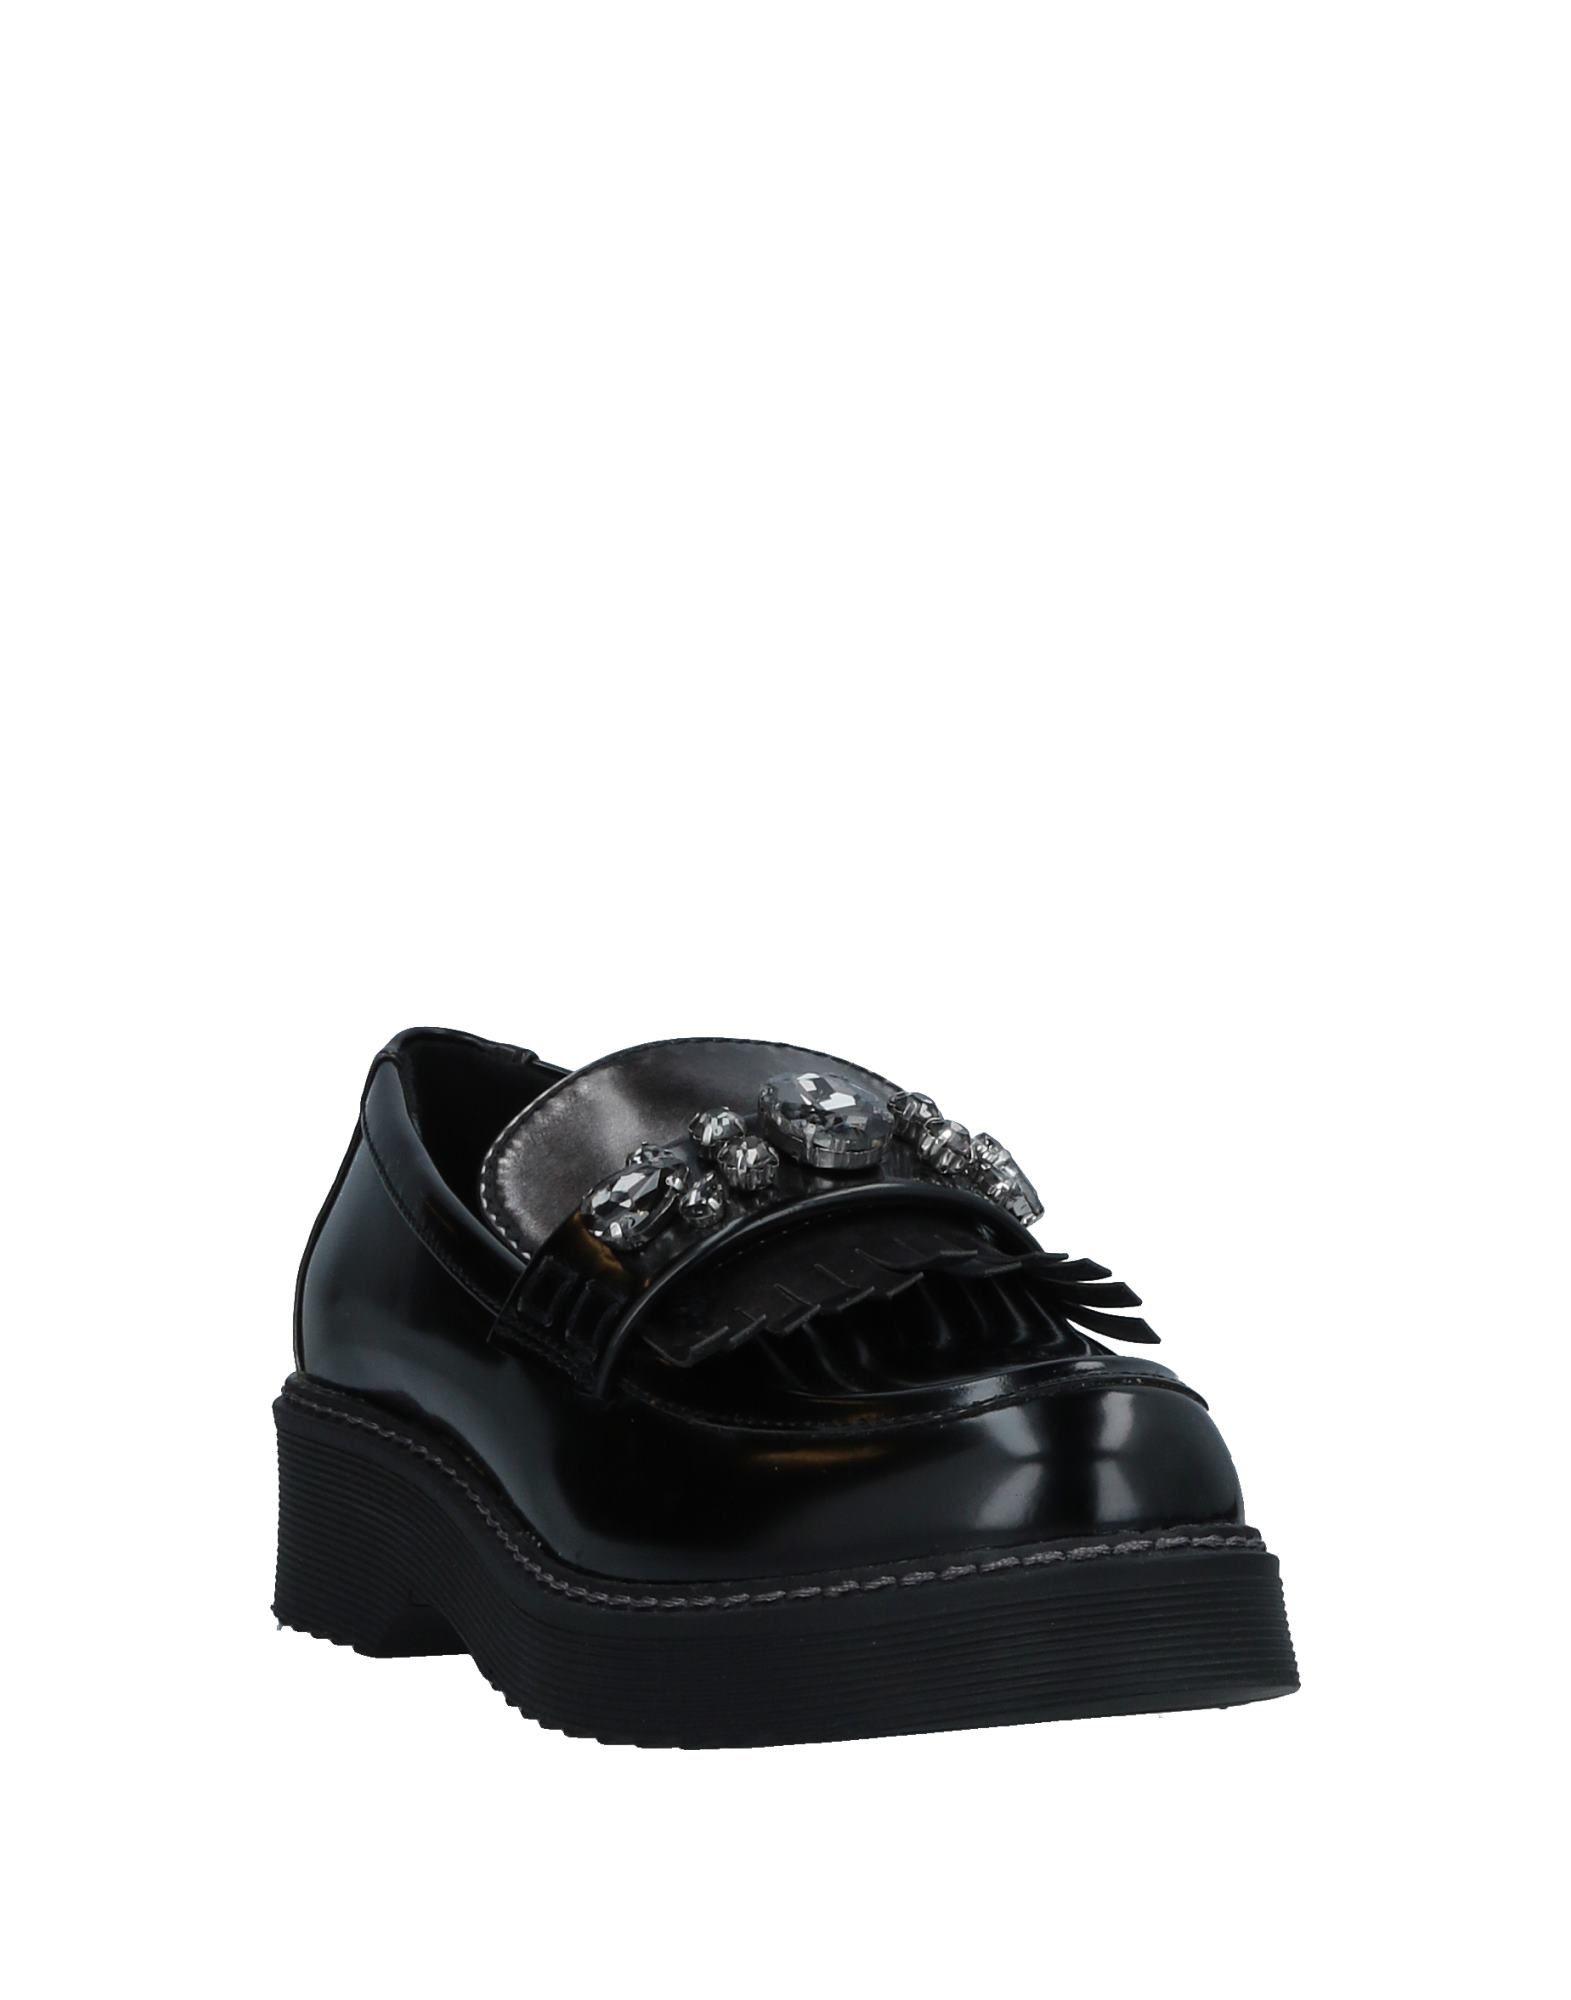 Geneve Mokassins Damen  11533138XU Gute Qualität beliebte Schuhe Schuhe Schuhe 257a99